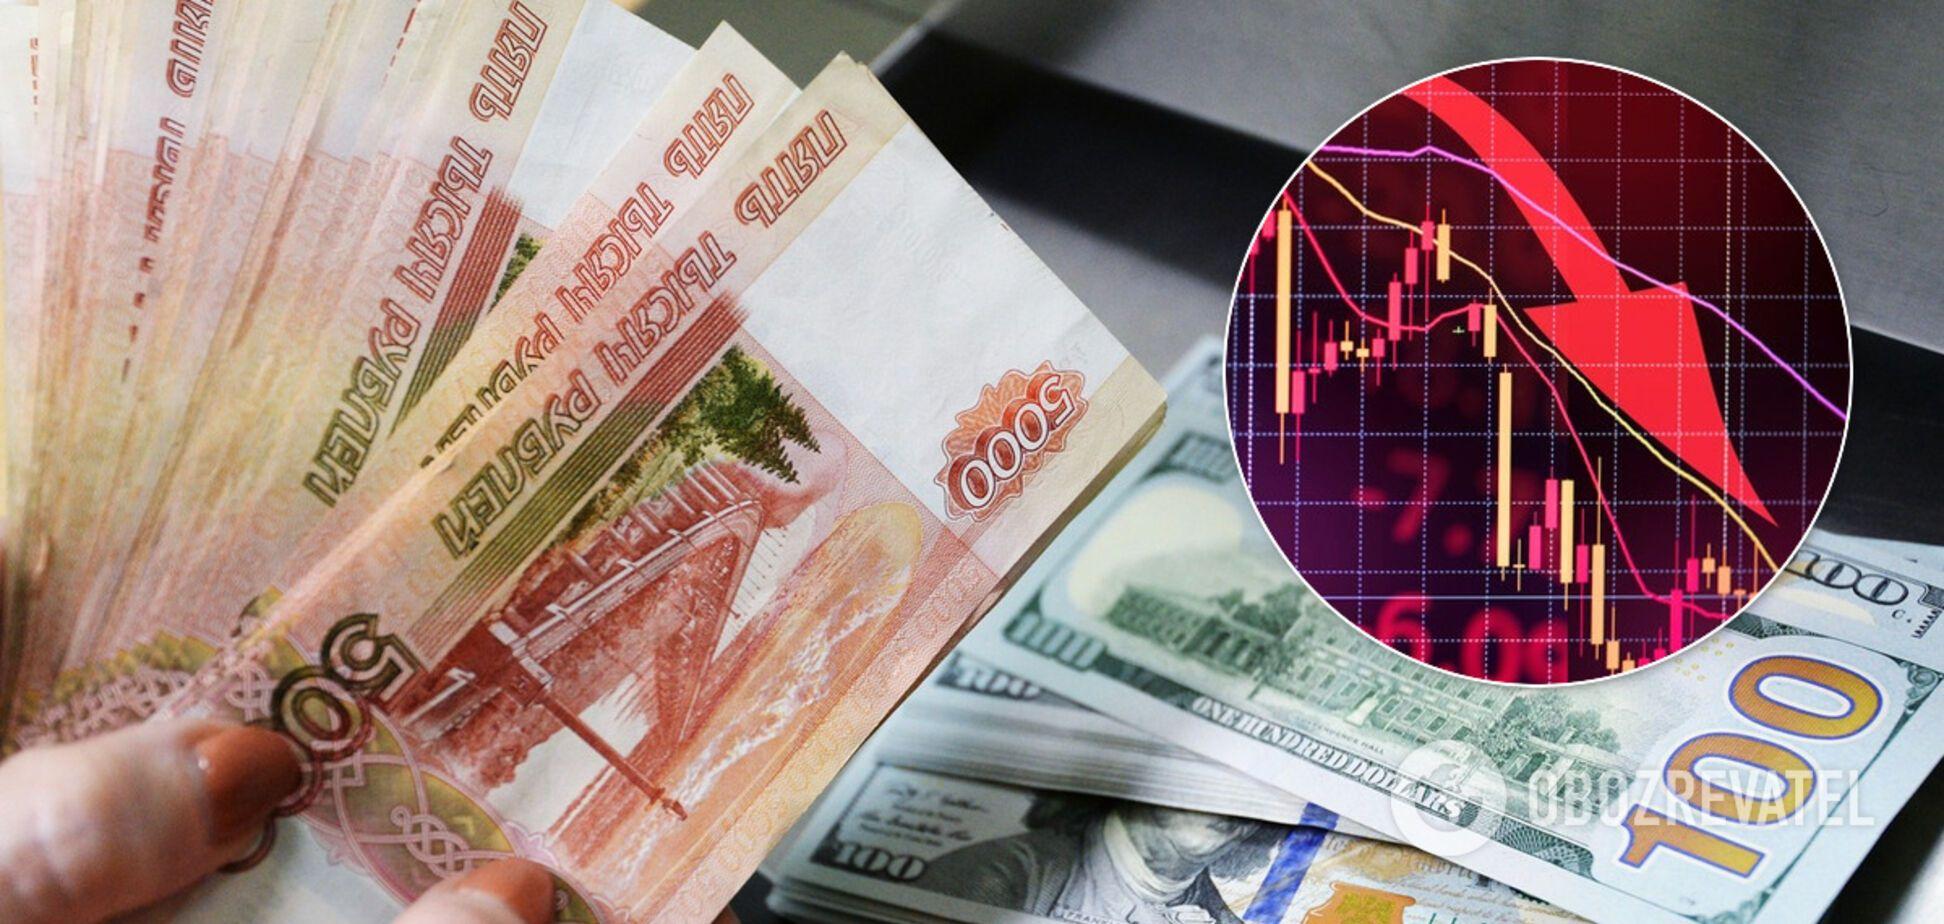 Рубль в Росії рекордно обвалився до рівня 2016 року